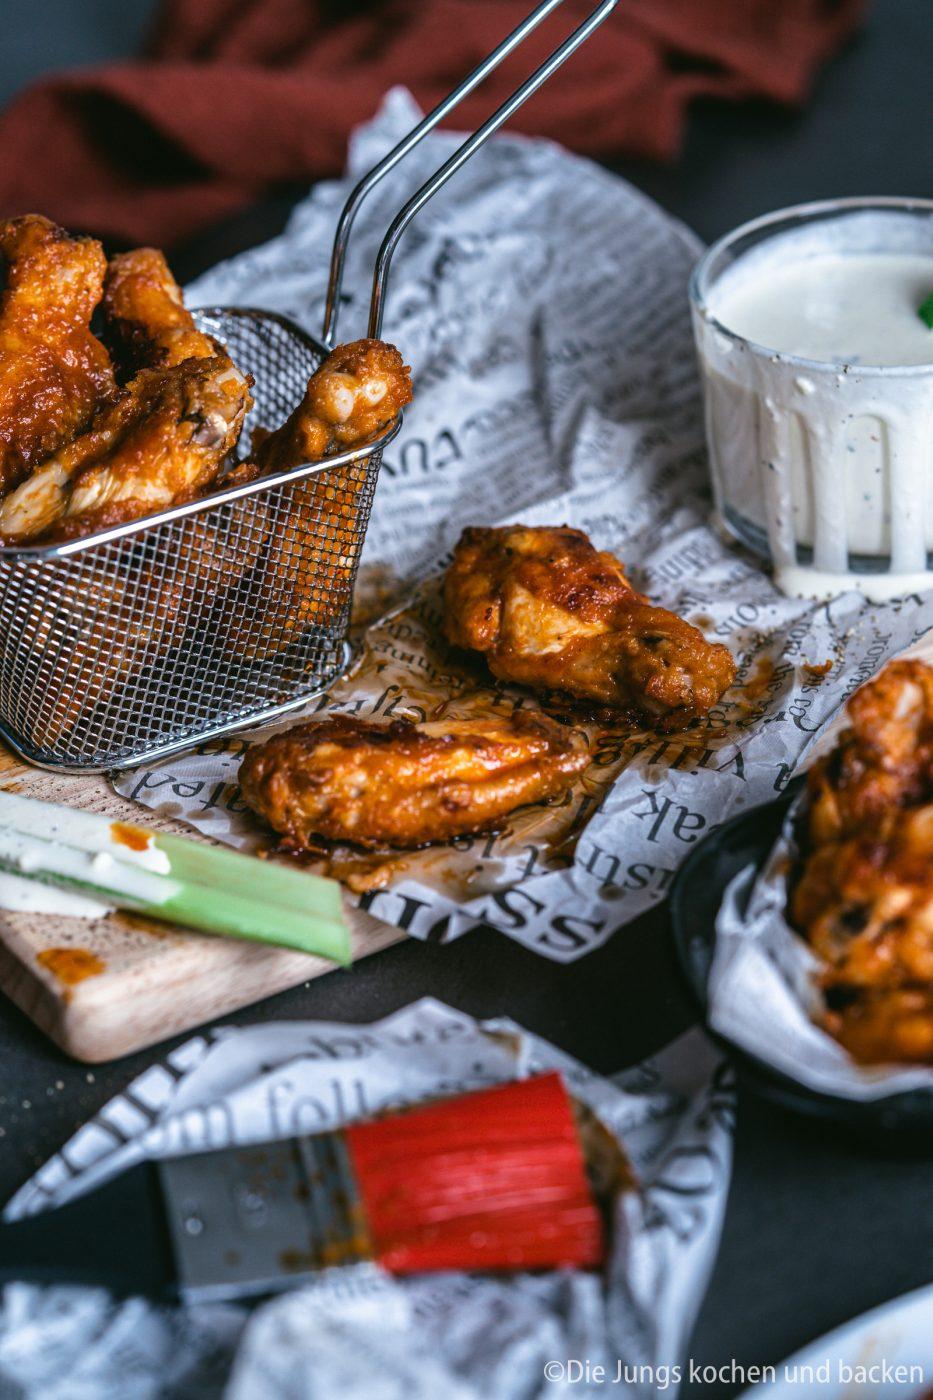 Buffalo Wings 9 | Ich bin wirklich so happy, dass wir euch dieses Rezept nun endlich einmal vorstellen können! Wir beide, aber vor allem ich, sind absolute Chicken Wings Fans. Für mich könnte es jeden Tag welche geben. Vor allem Hot Wings oder Buffalo Wings. Das ist zwar nicht für jeden etwas, aber diejenigen von euch, die Schärfe lieben, die müssen unsere Wings unbedingt ausprobieren.